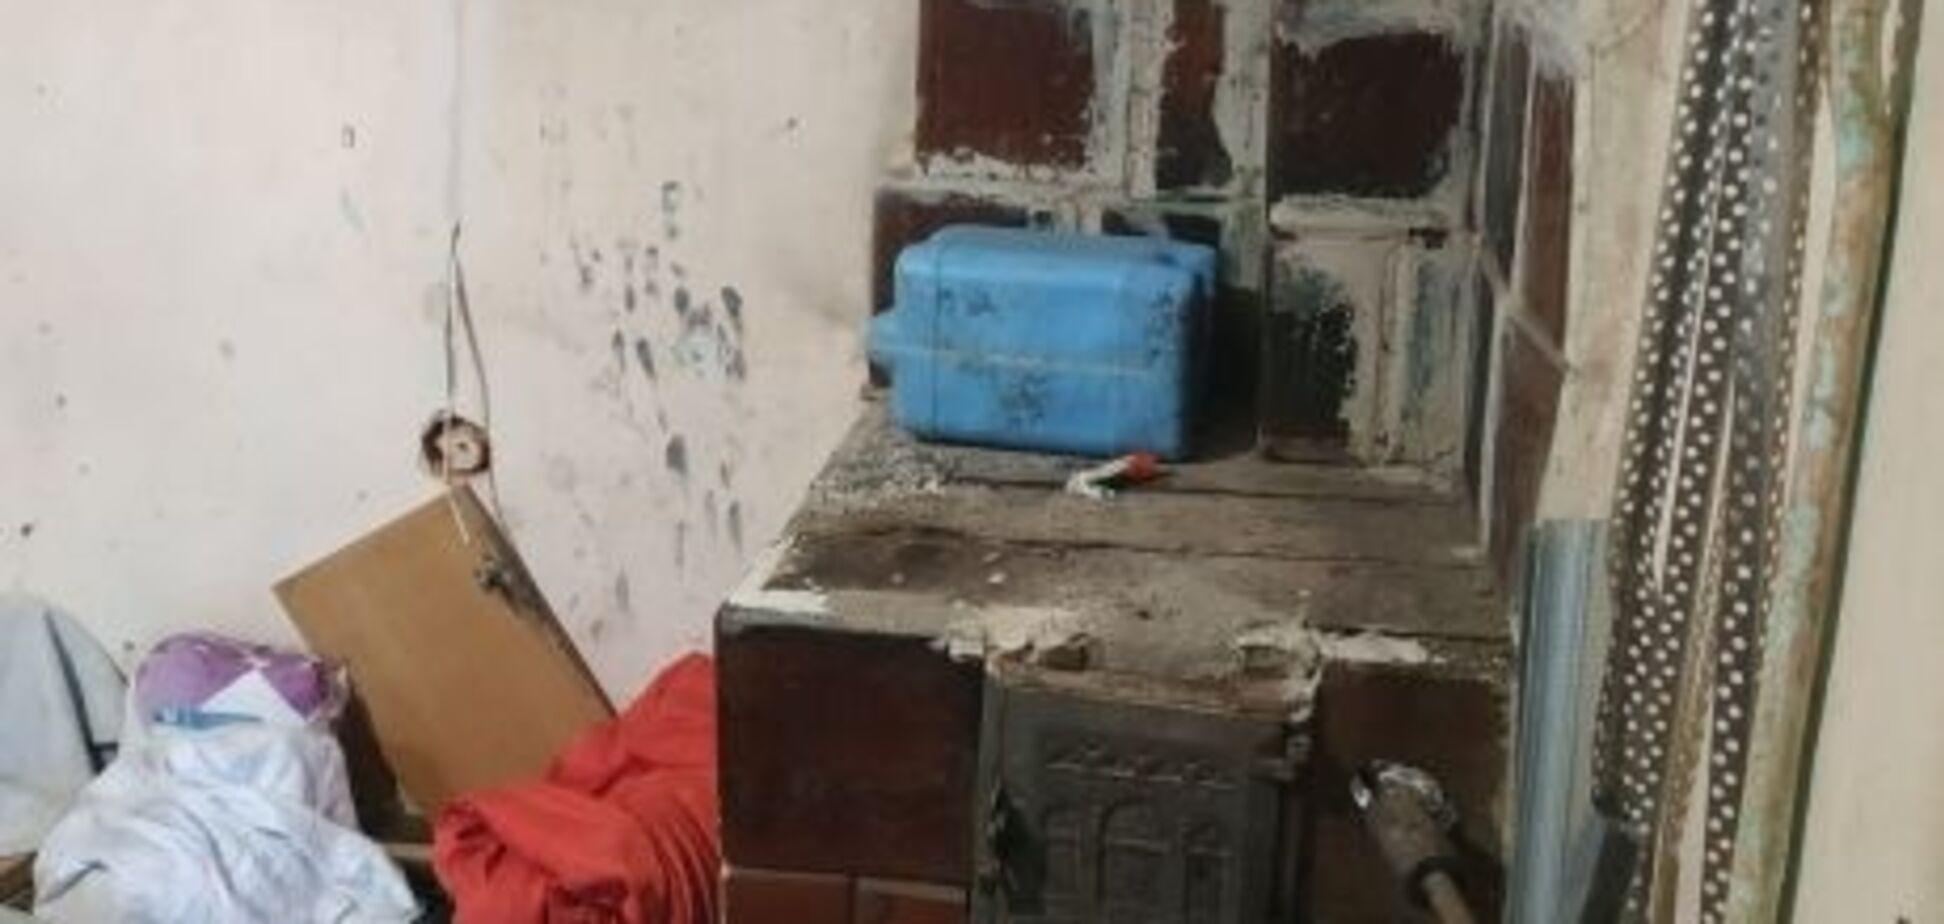 1600 гривень за руїну: українка здивувала ЗМІ незвичайним оголошенням у мережі